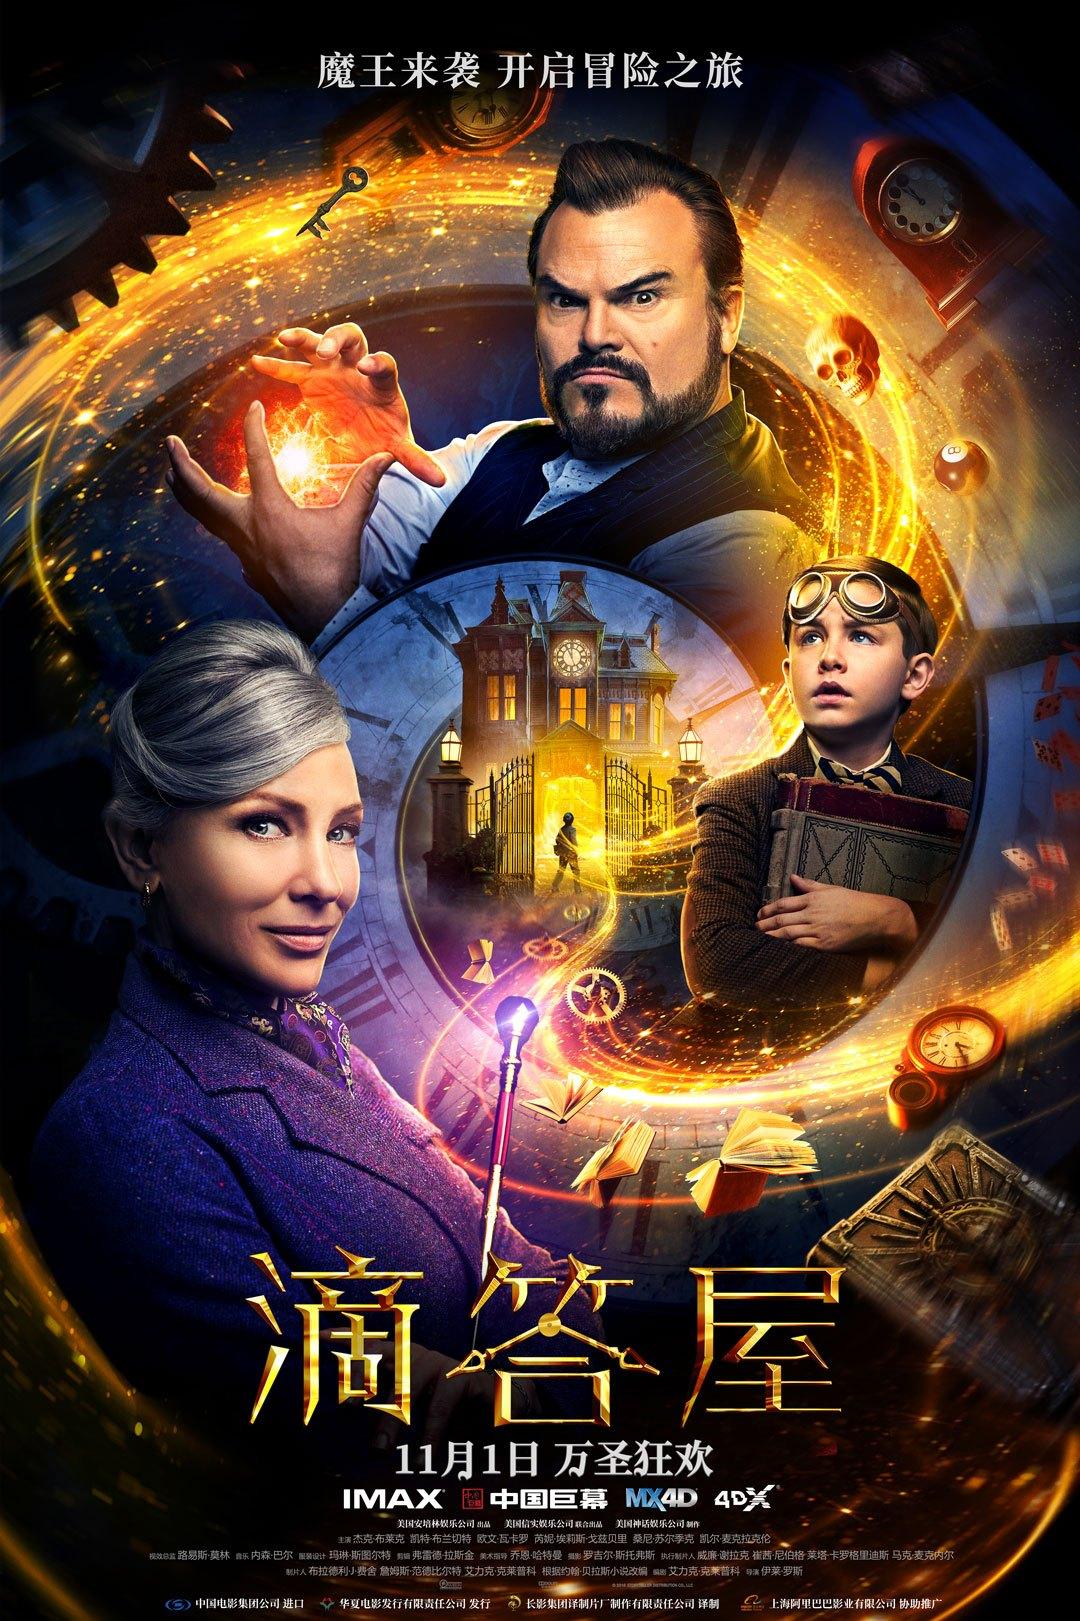 《滴答屋》內地定檔11.1 布蘭切特領銜魔幻冒險片